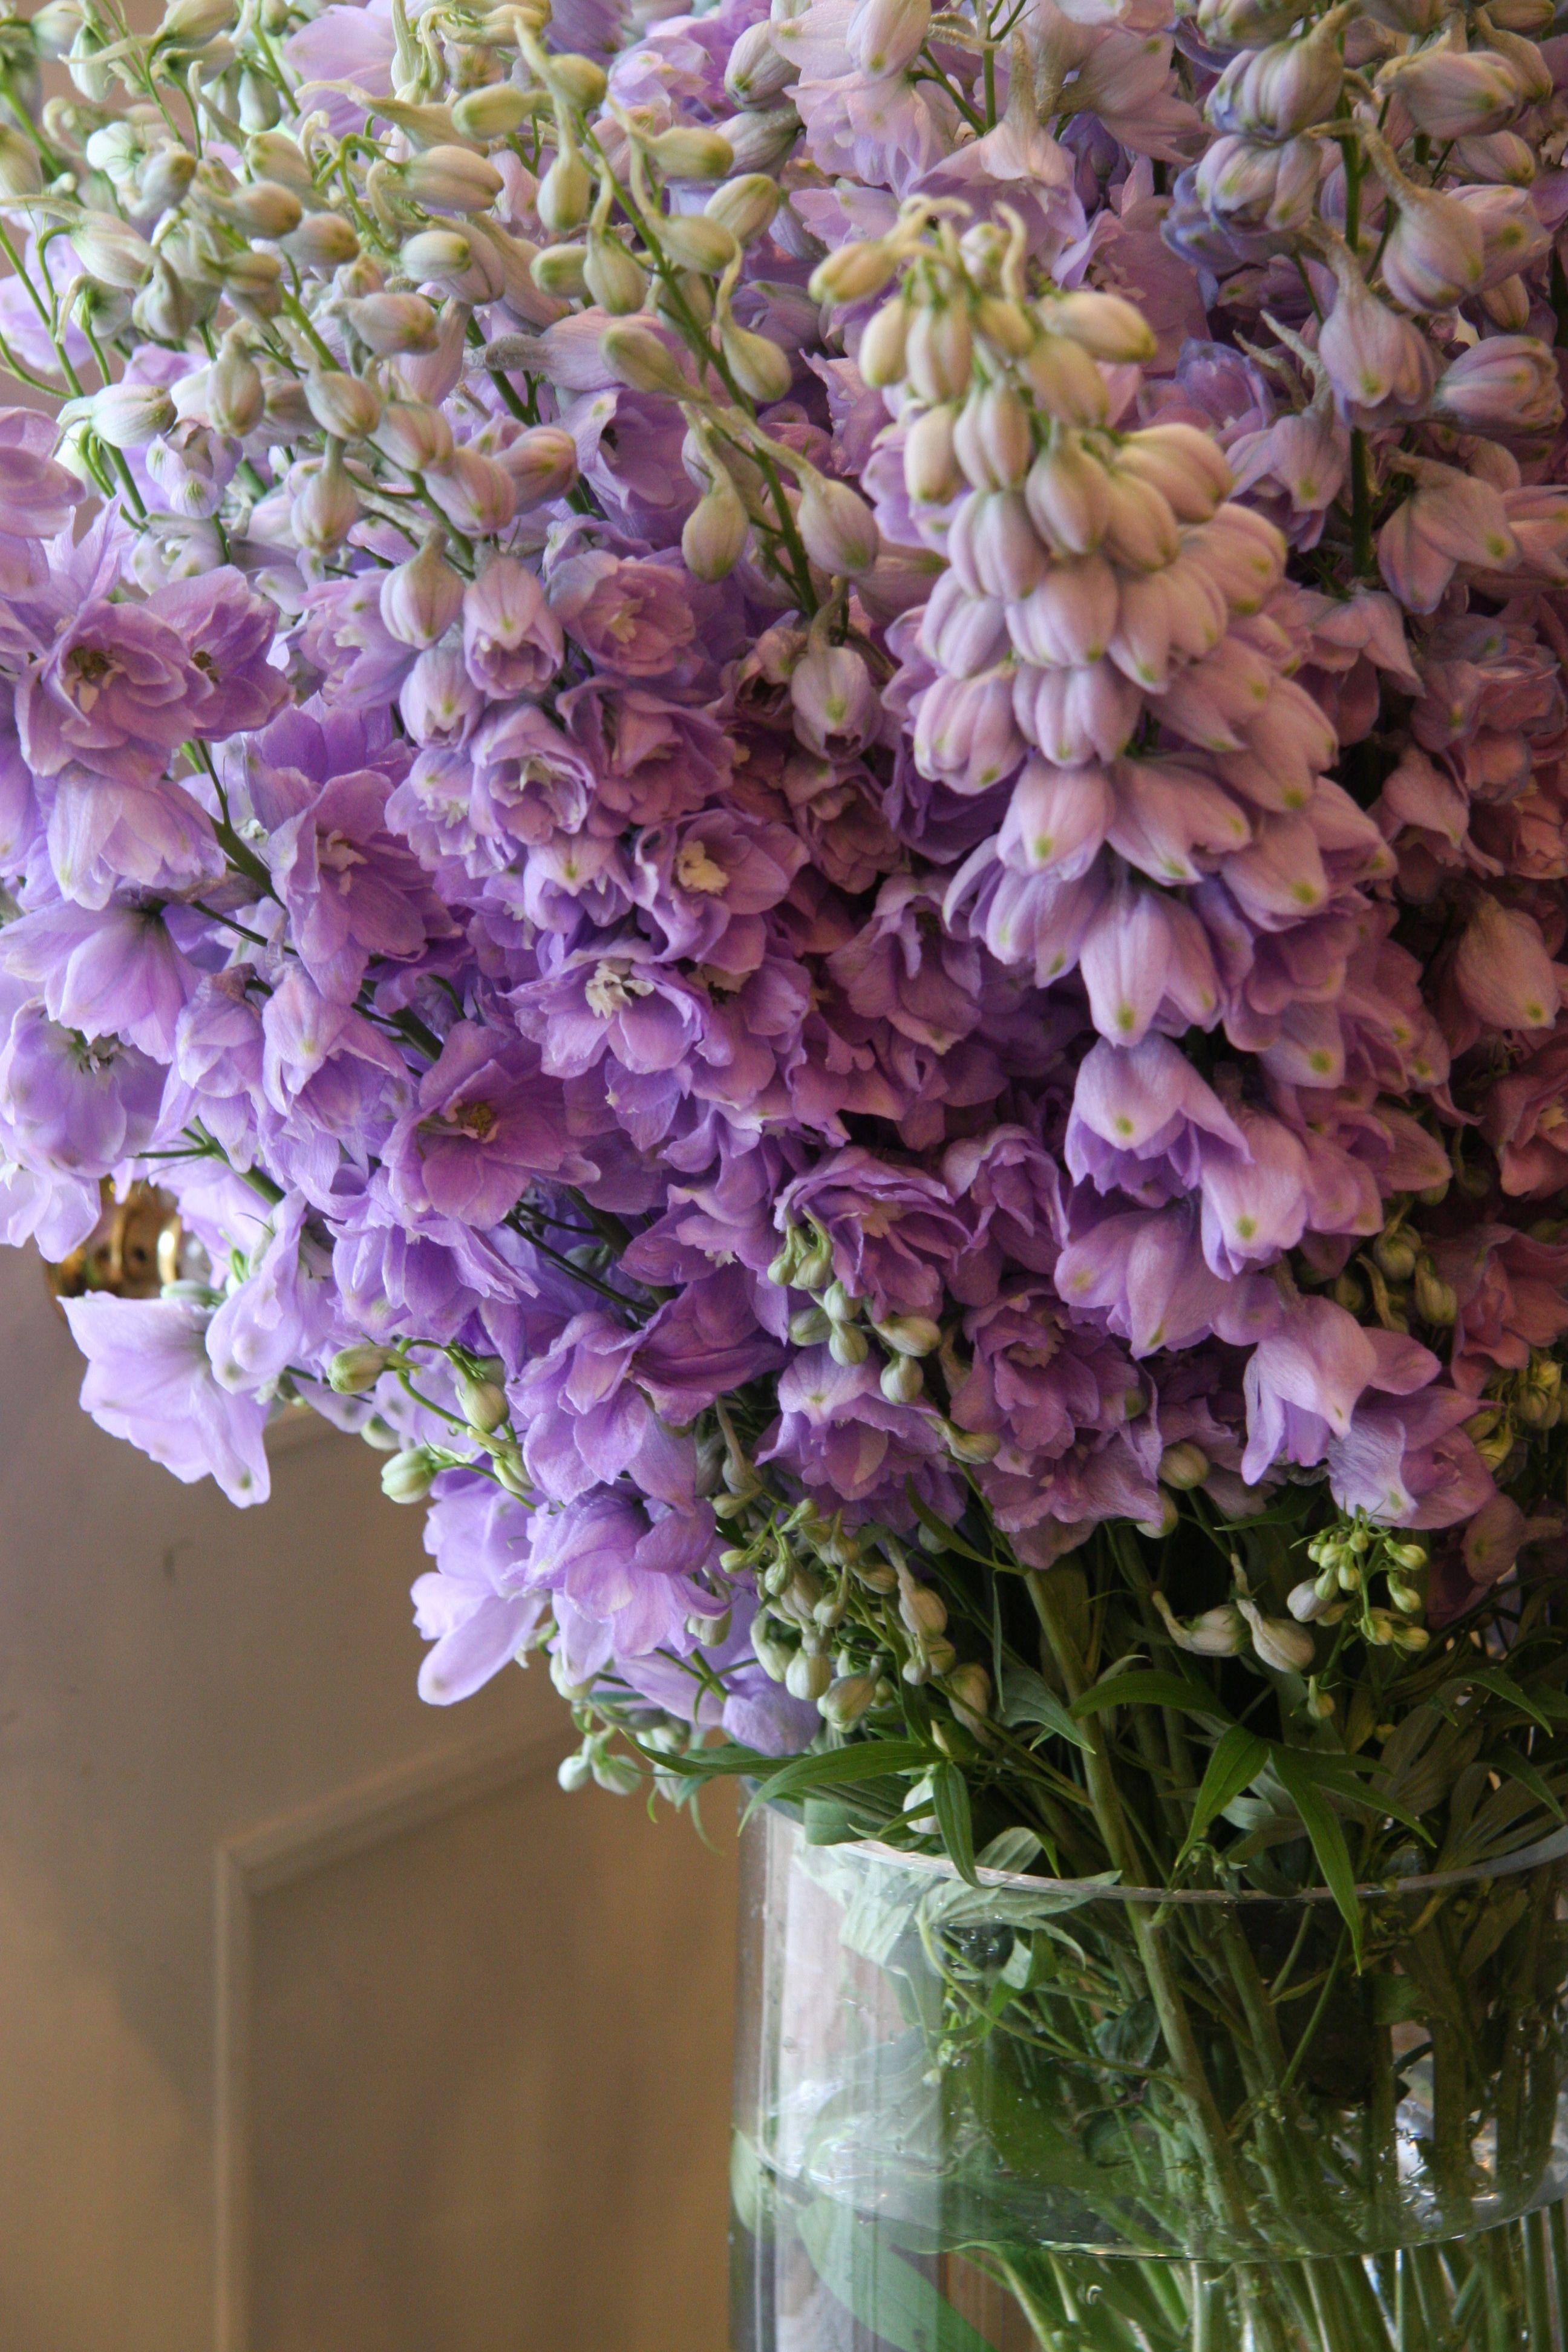 Delphinium lilac candle lavander wedding pinterest for Flower arrangements with delphinium